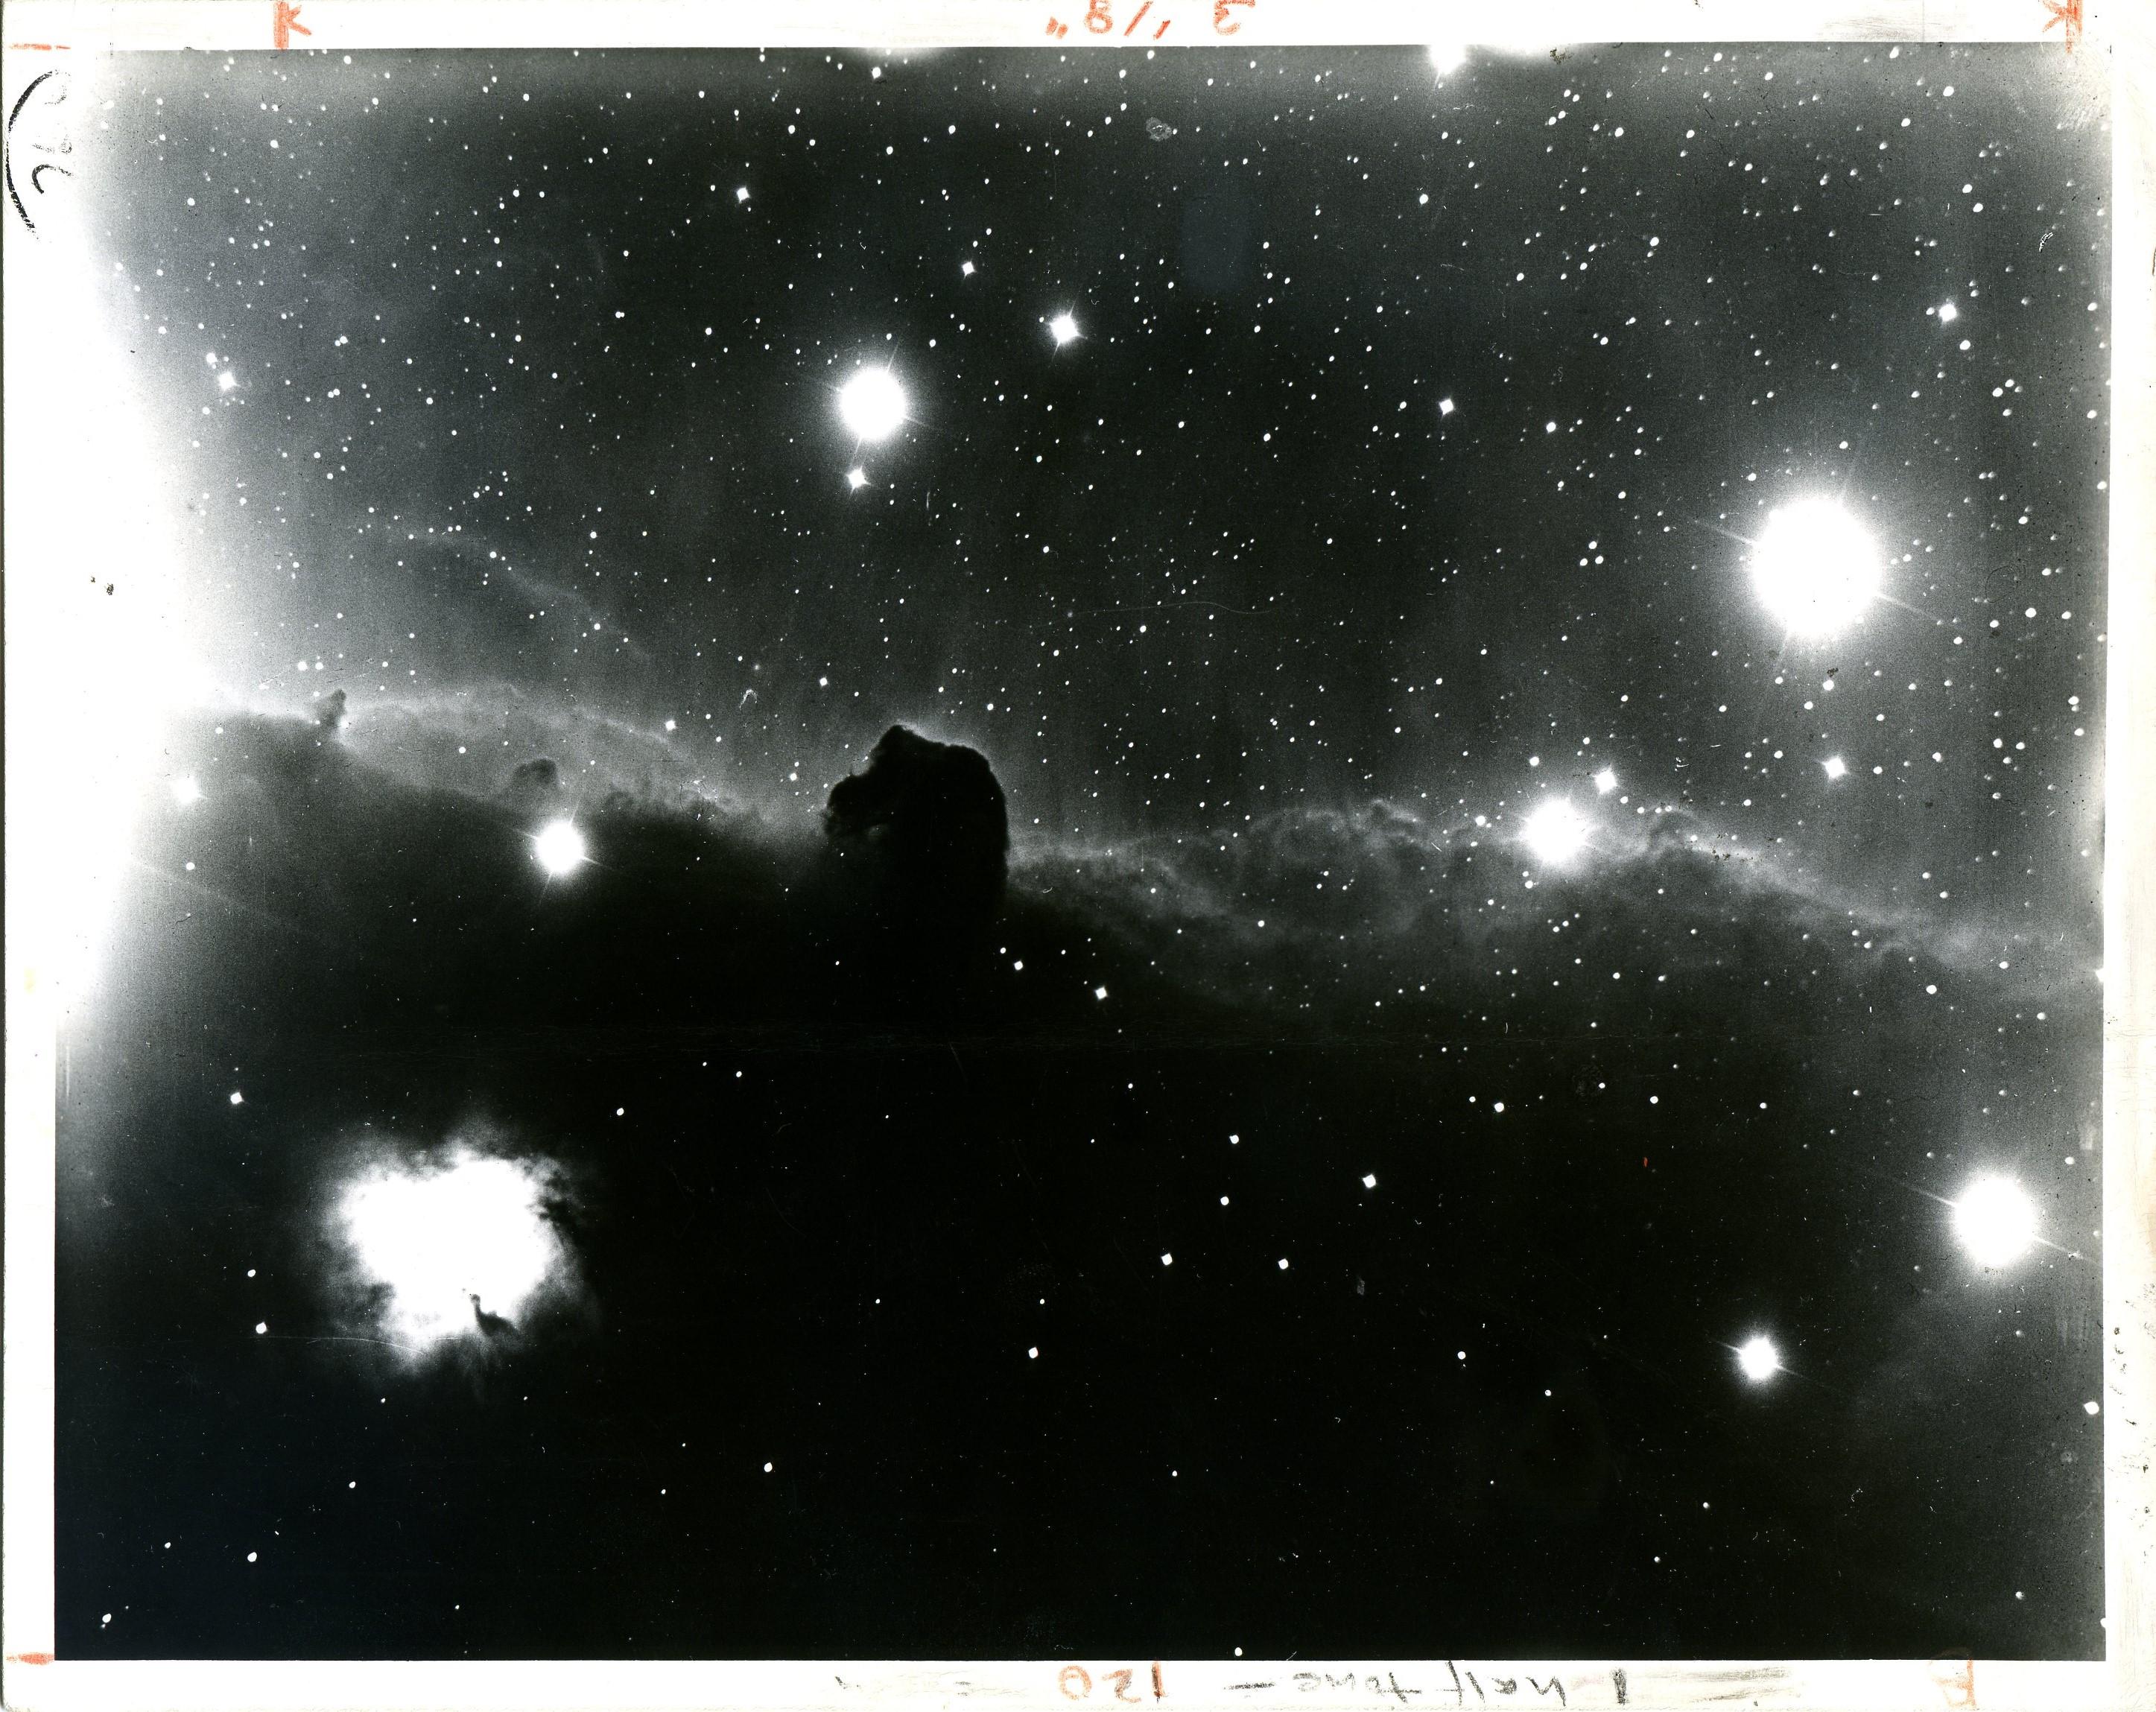 Exposition de photographies de l'espace